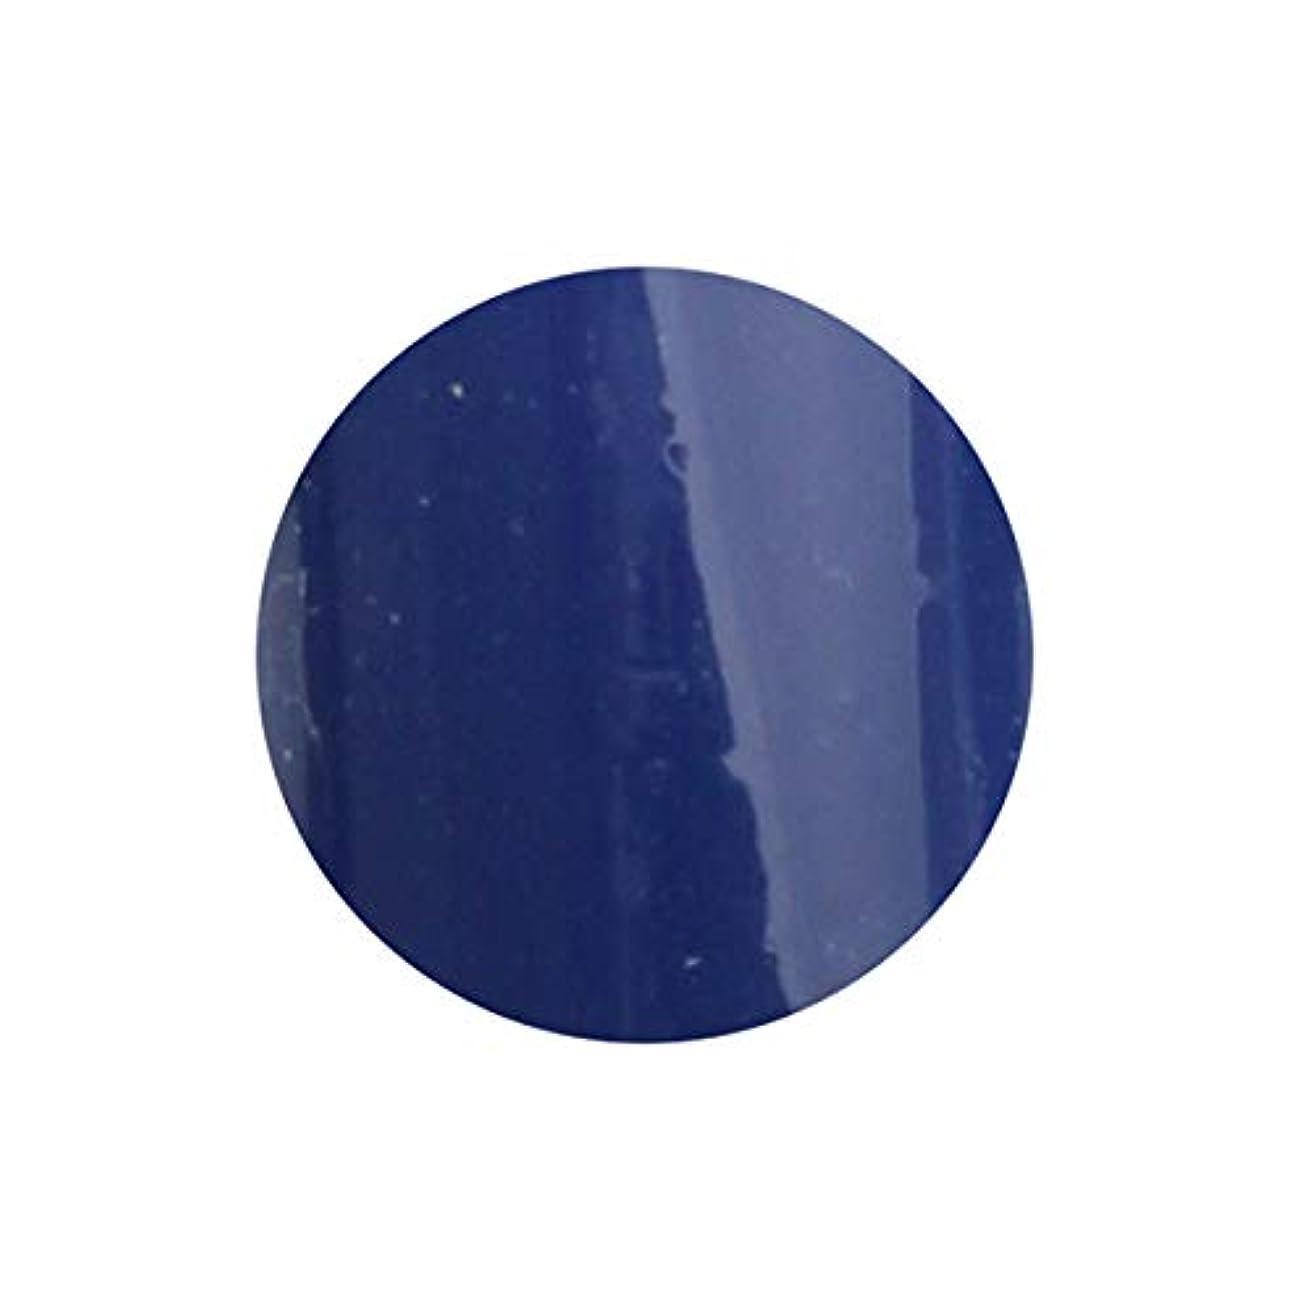 スペルプロトタイプ解明するSHAREYDVA シャレドワ+ ネイルカラー No.34 ロイヤルブルー